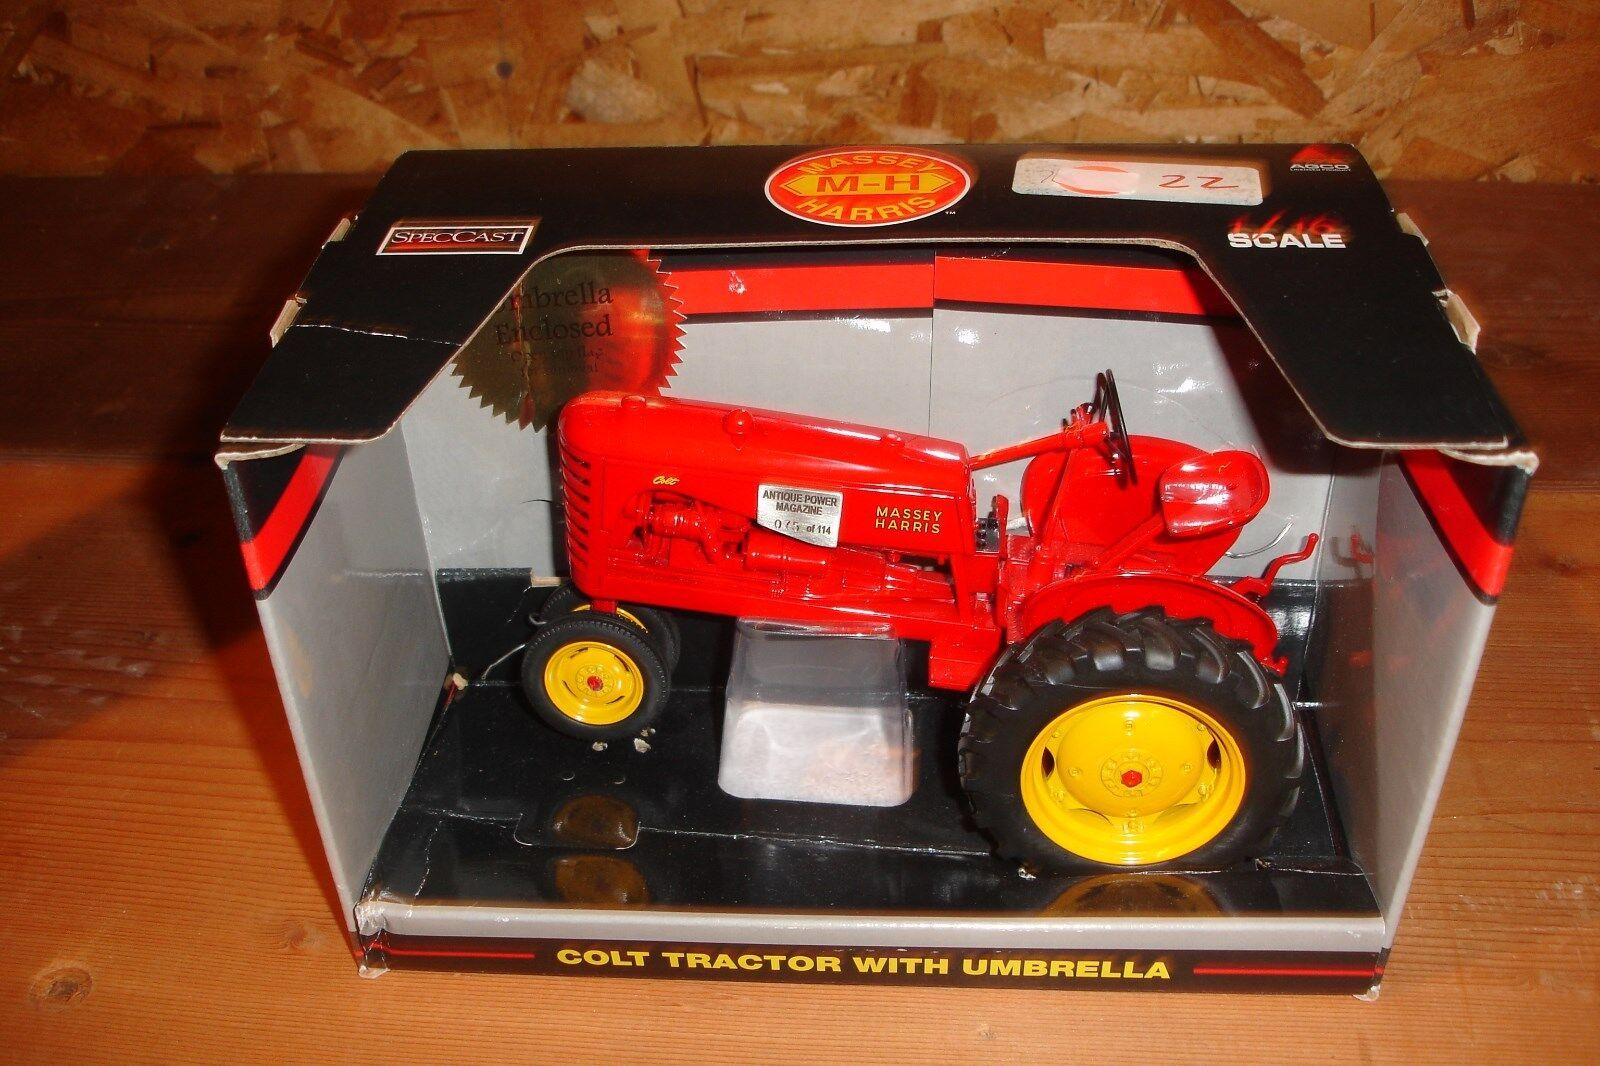 nuevo estilo 1 16 Massey Massey Massey Harris Colt Tractor Con Paraguas, antiguo poder Revista Nueva En Caja  El nuevo outlet de marcas online.